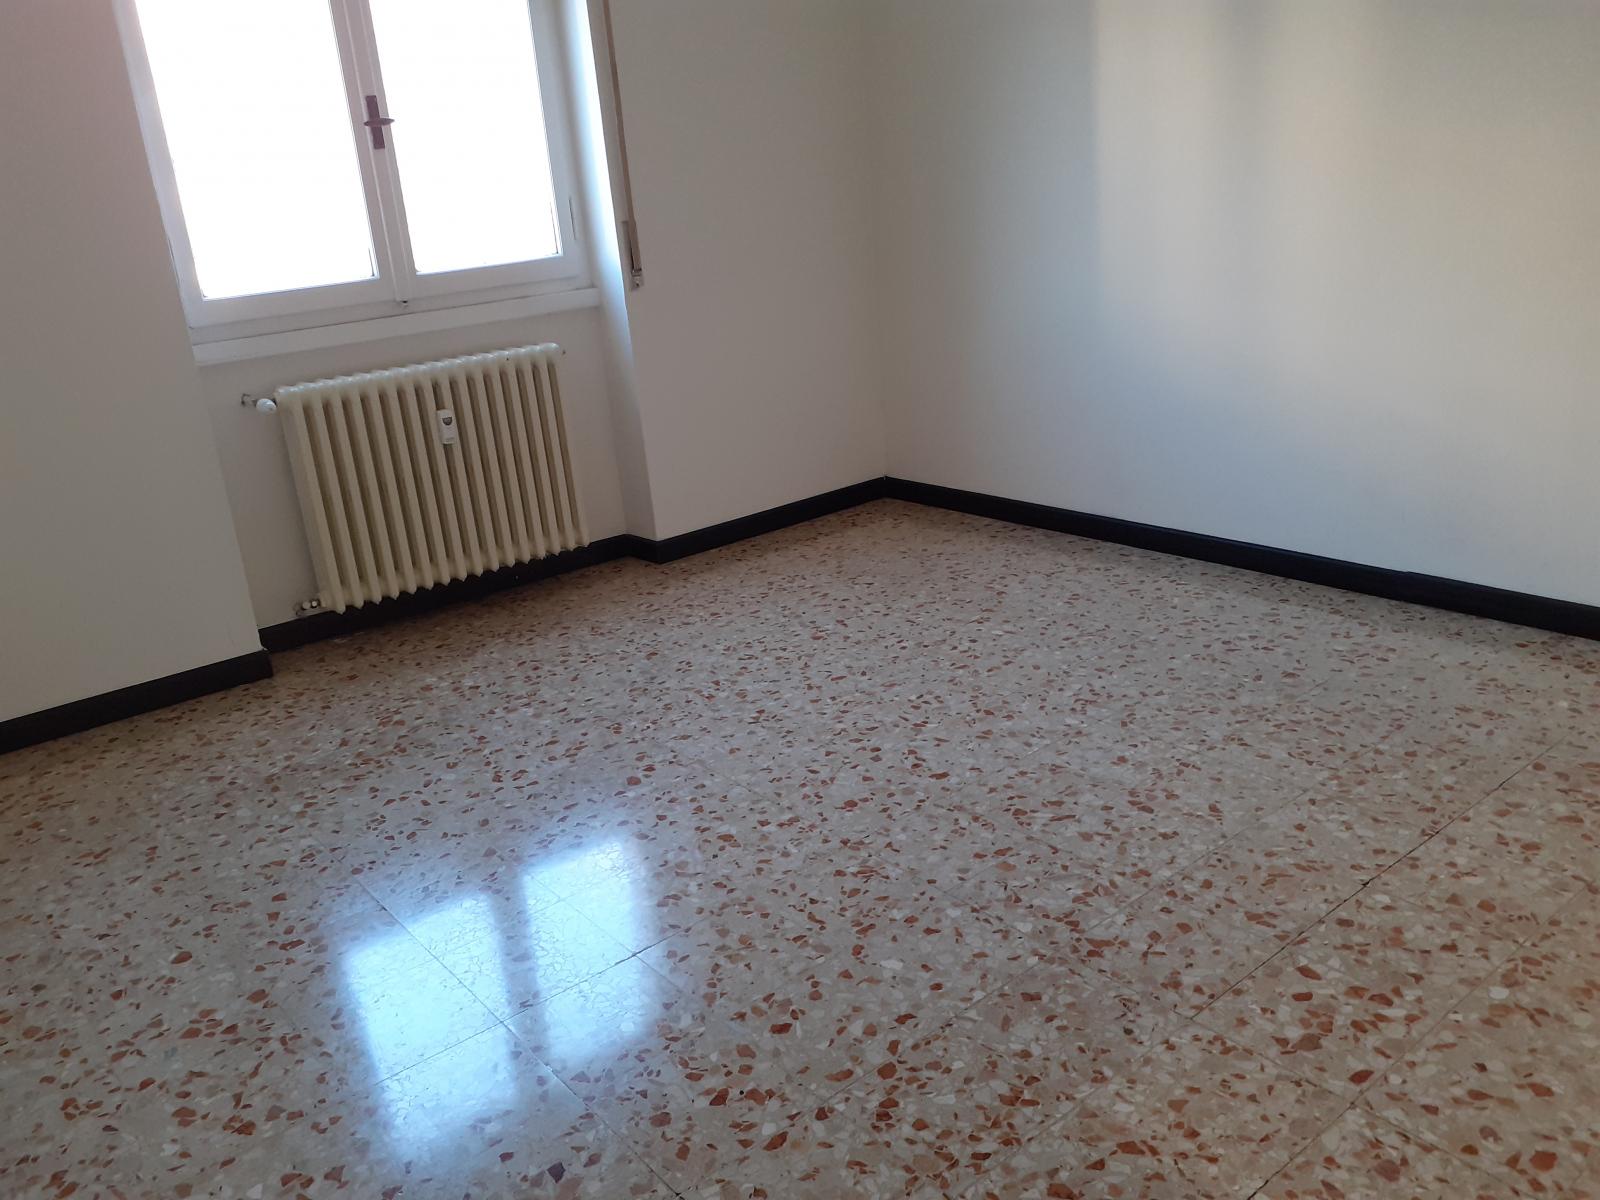 appartamento-in-vendita-a-milano-baggio-via-bagarotti-spaziourbano-immobiliare-vende-2-locali-6